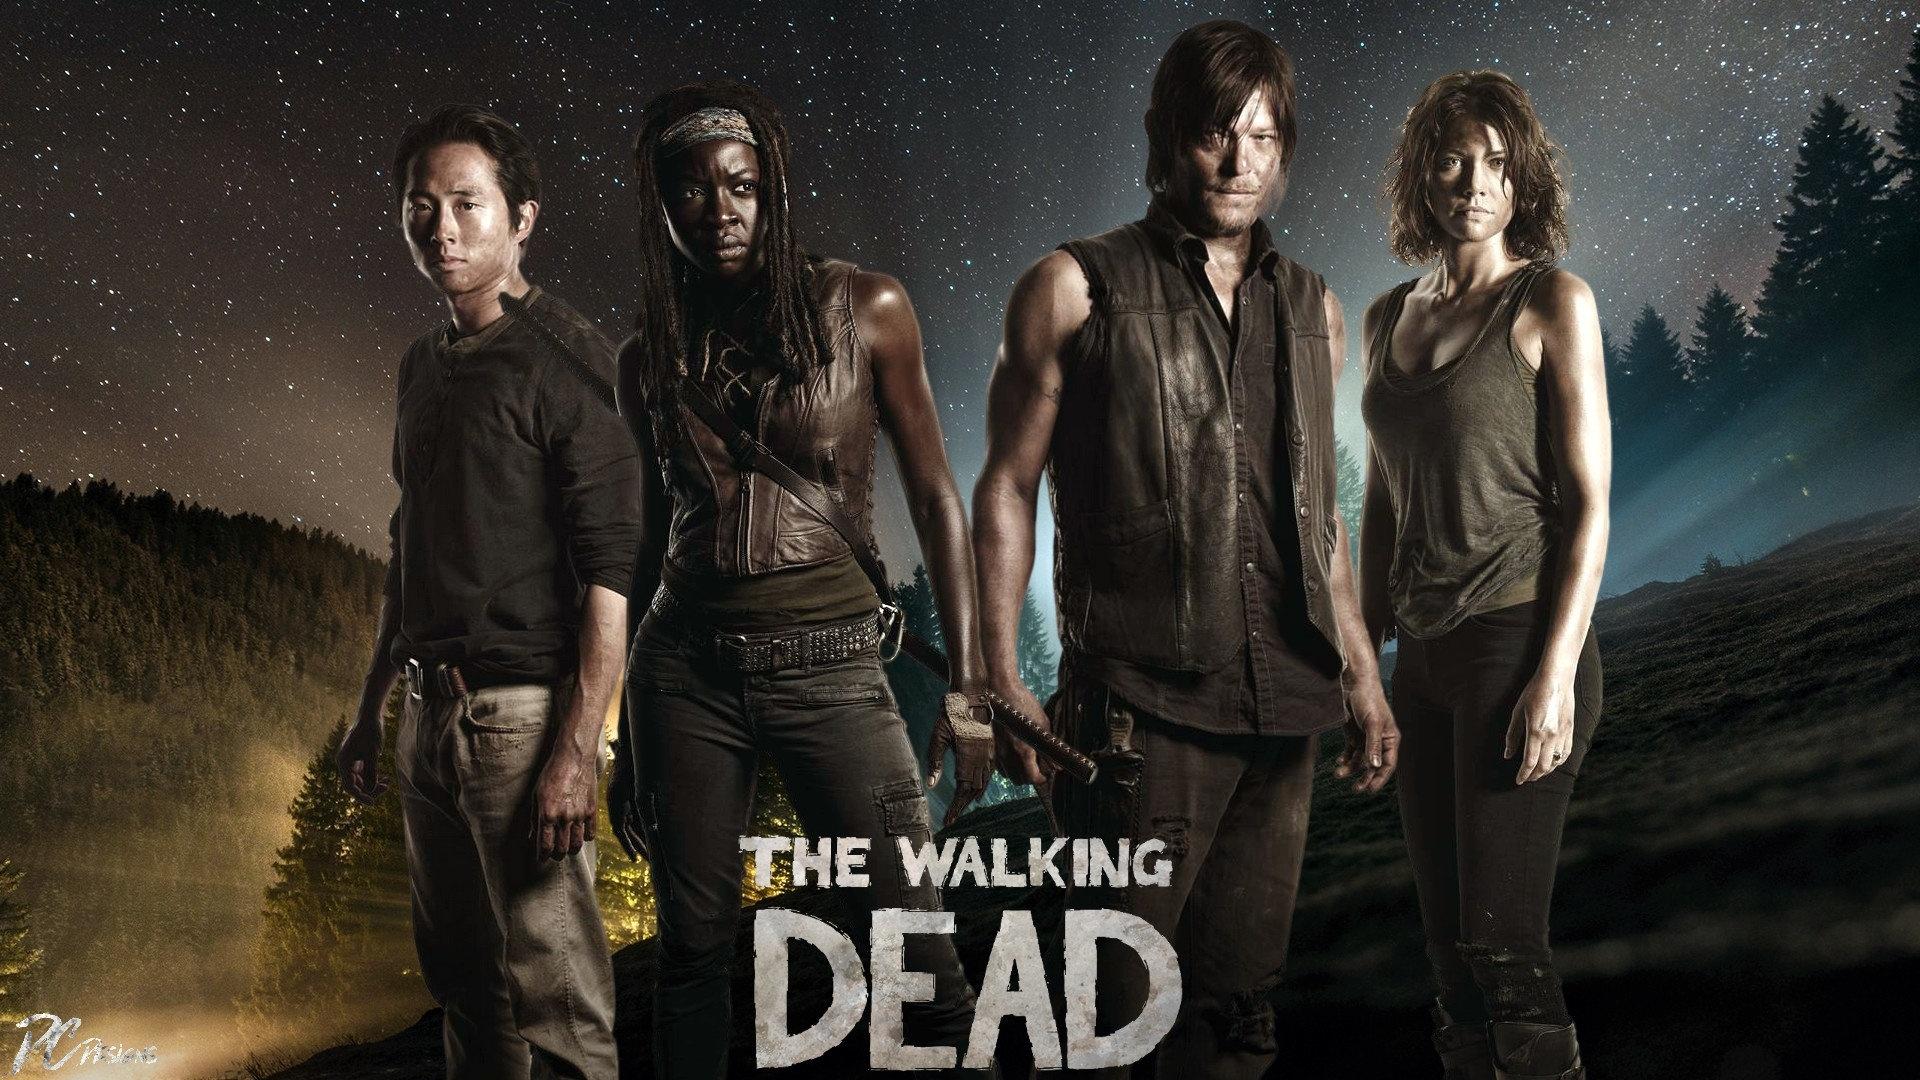 The Walking Dead background wallpaper